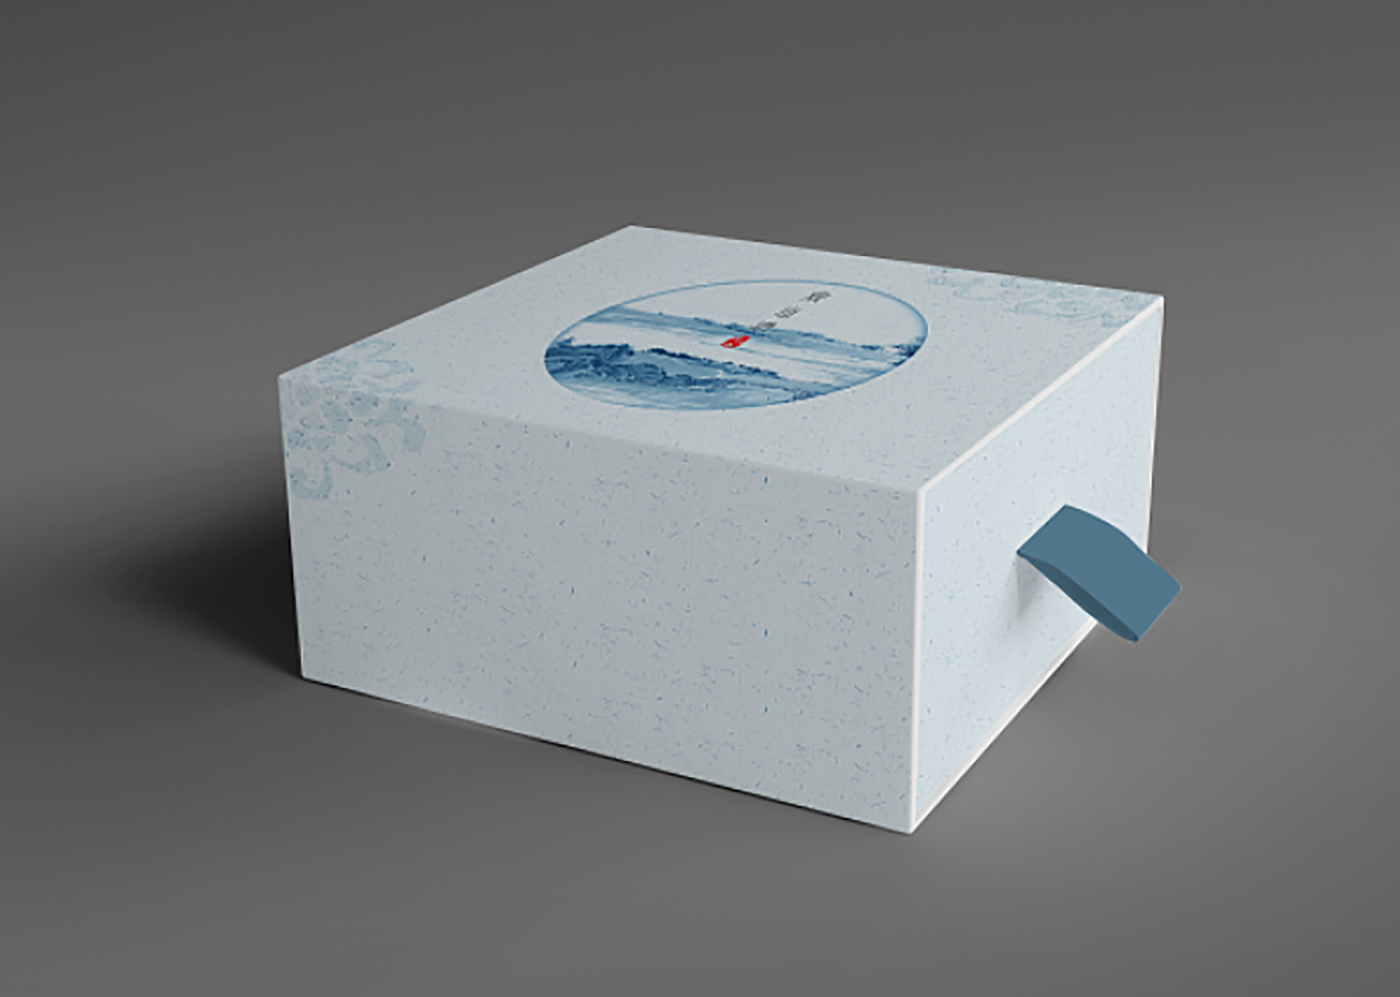 印泥创意茶叶包装设计包装设计-创意水墨中国风茶叶包装设计